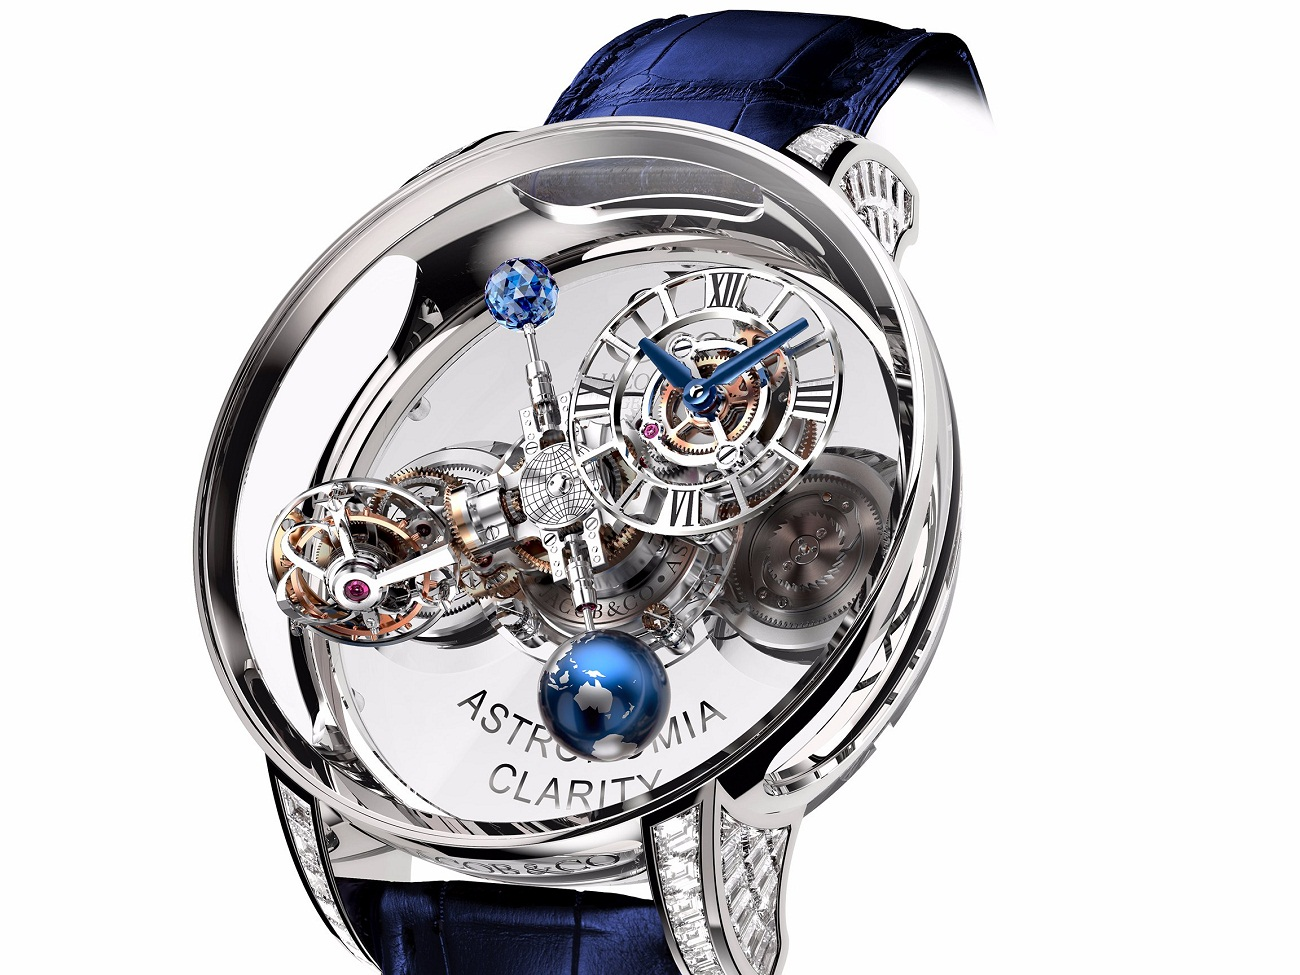 Del Caros Los Mundo Que 10 Actualmente Relojes Más Puedes Comprar hQrsdCt